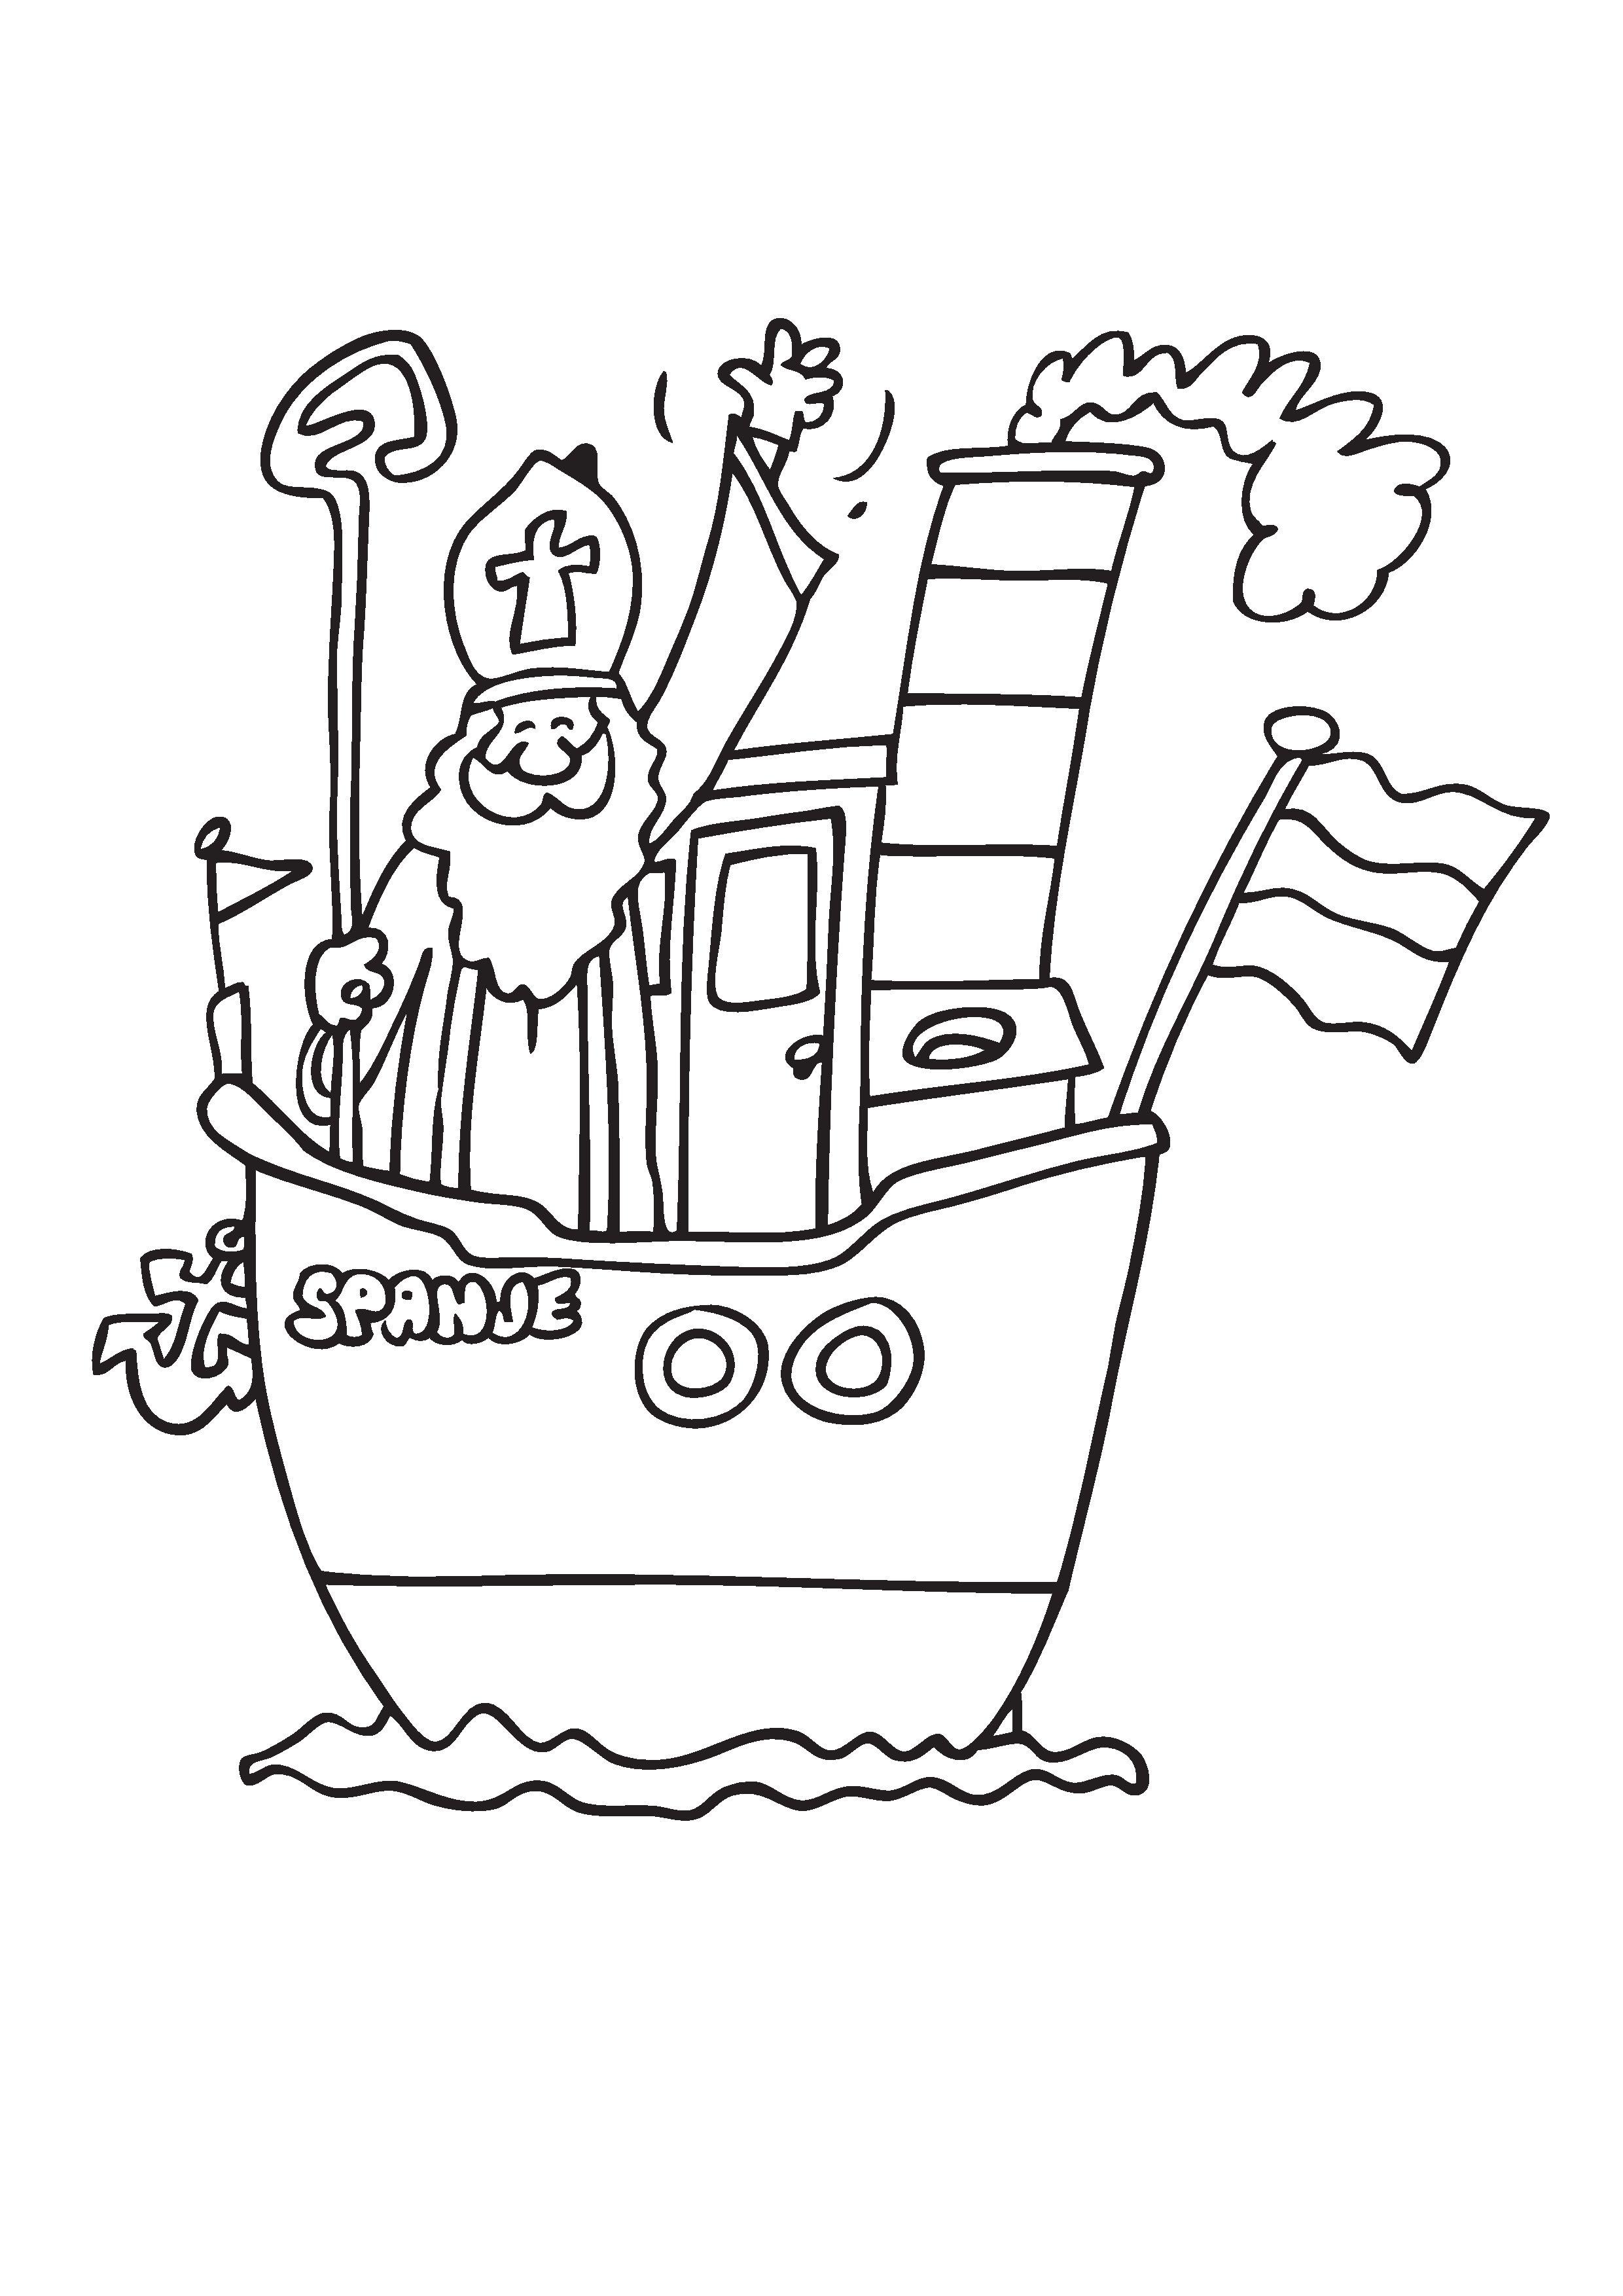 Kleurplaten Sinterklaas Stoomboot.Kleurplaat Sinterklaas Stoomboot 2019 Voor Peuters En Kleuters